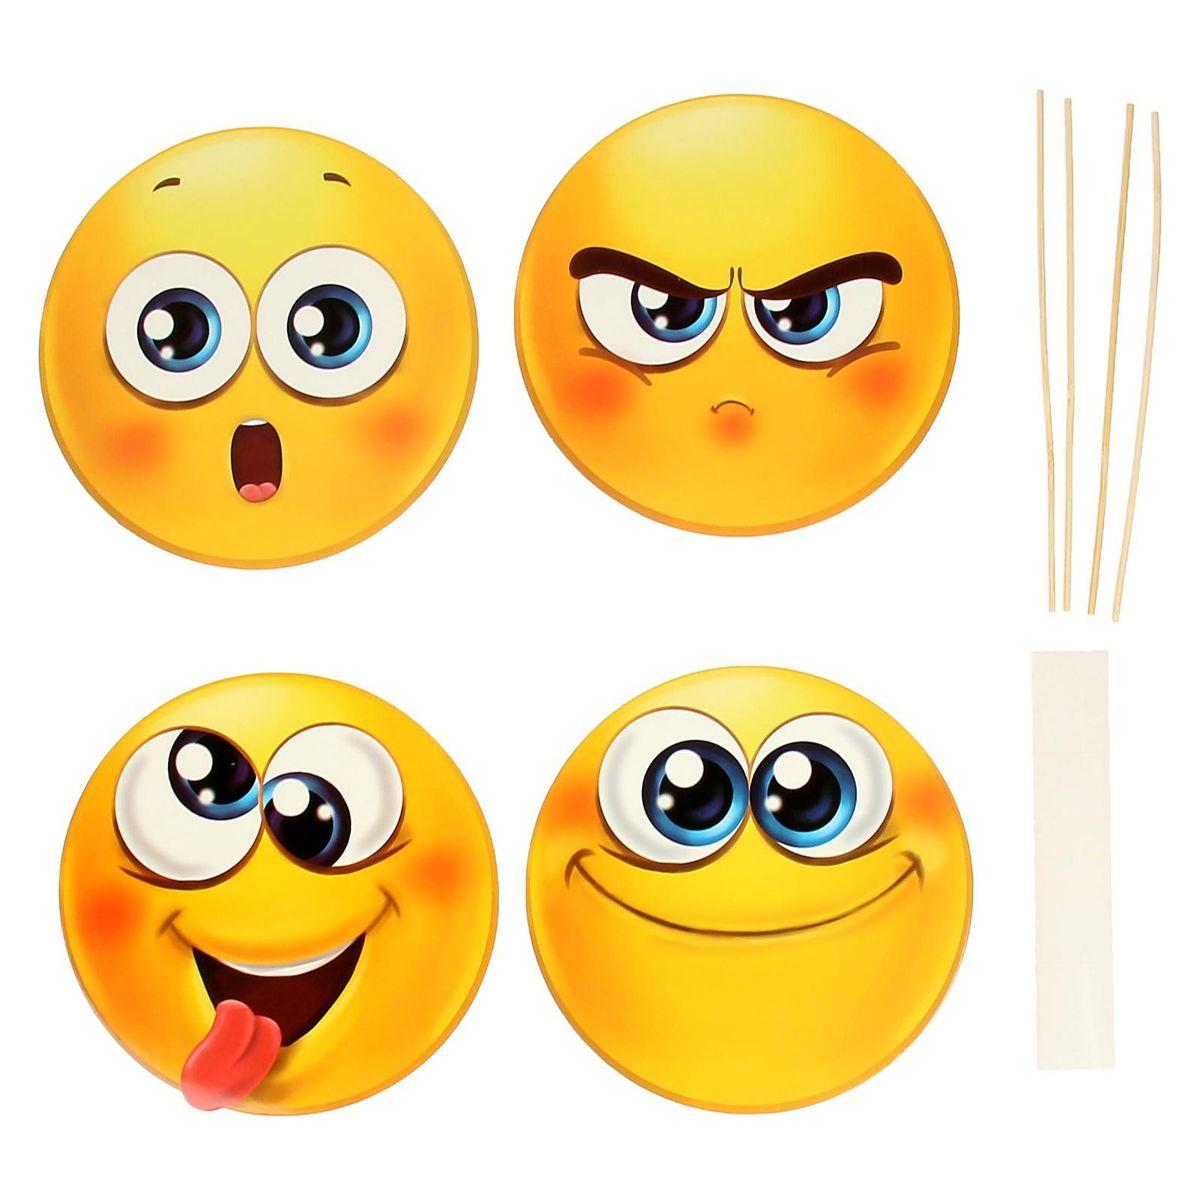 Животные аватарку, картинка смайлики с надписями эмоций